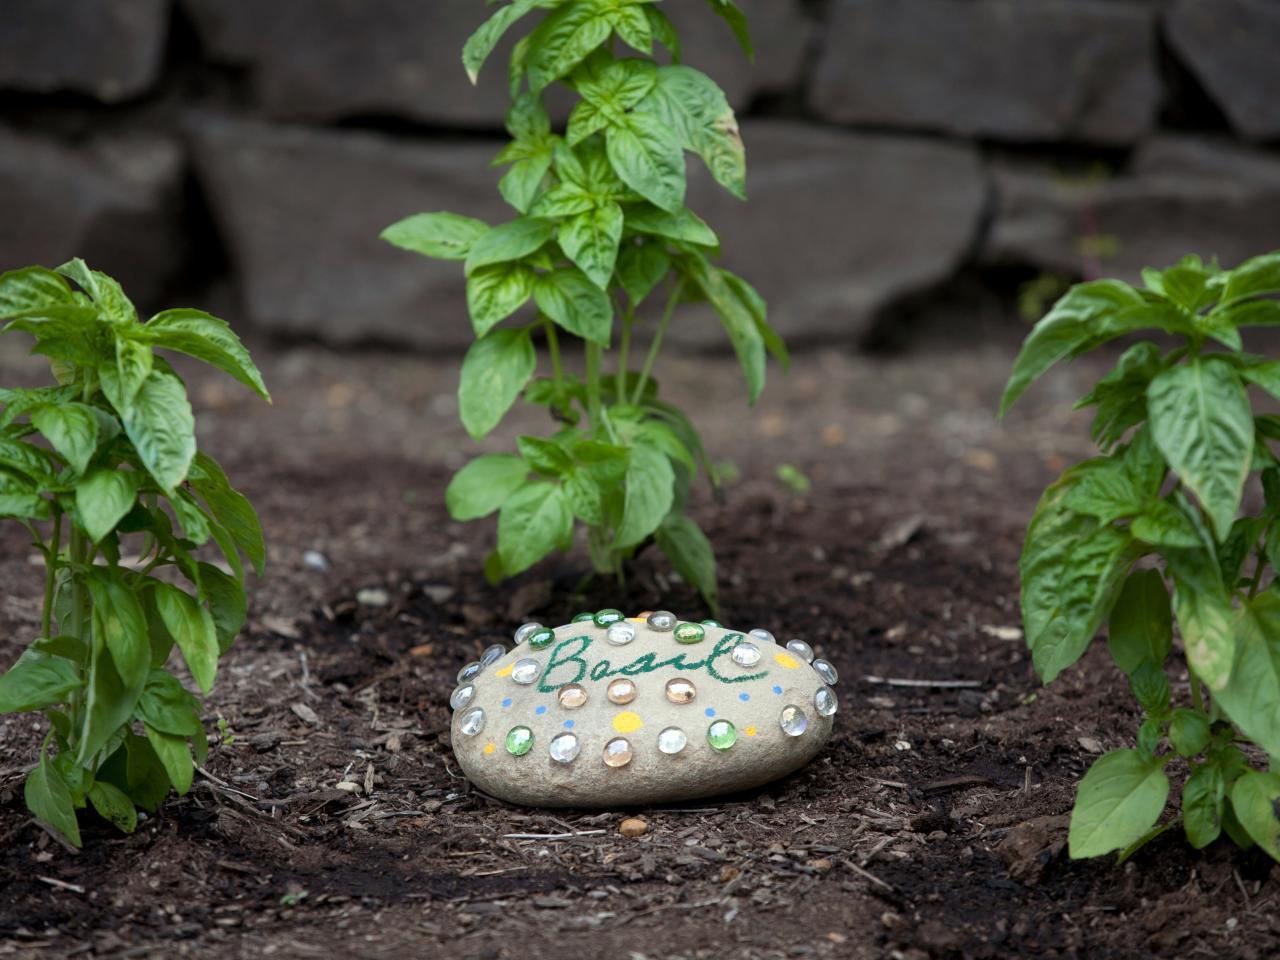 How to Make a Decorative Garden Stone | HGTV